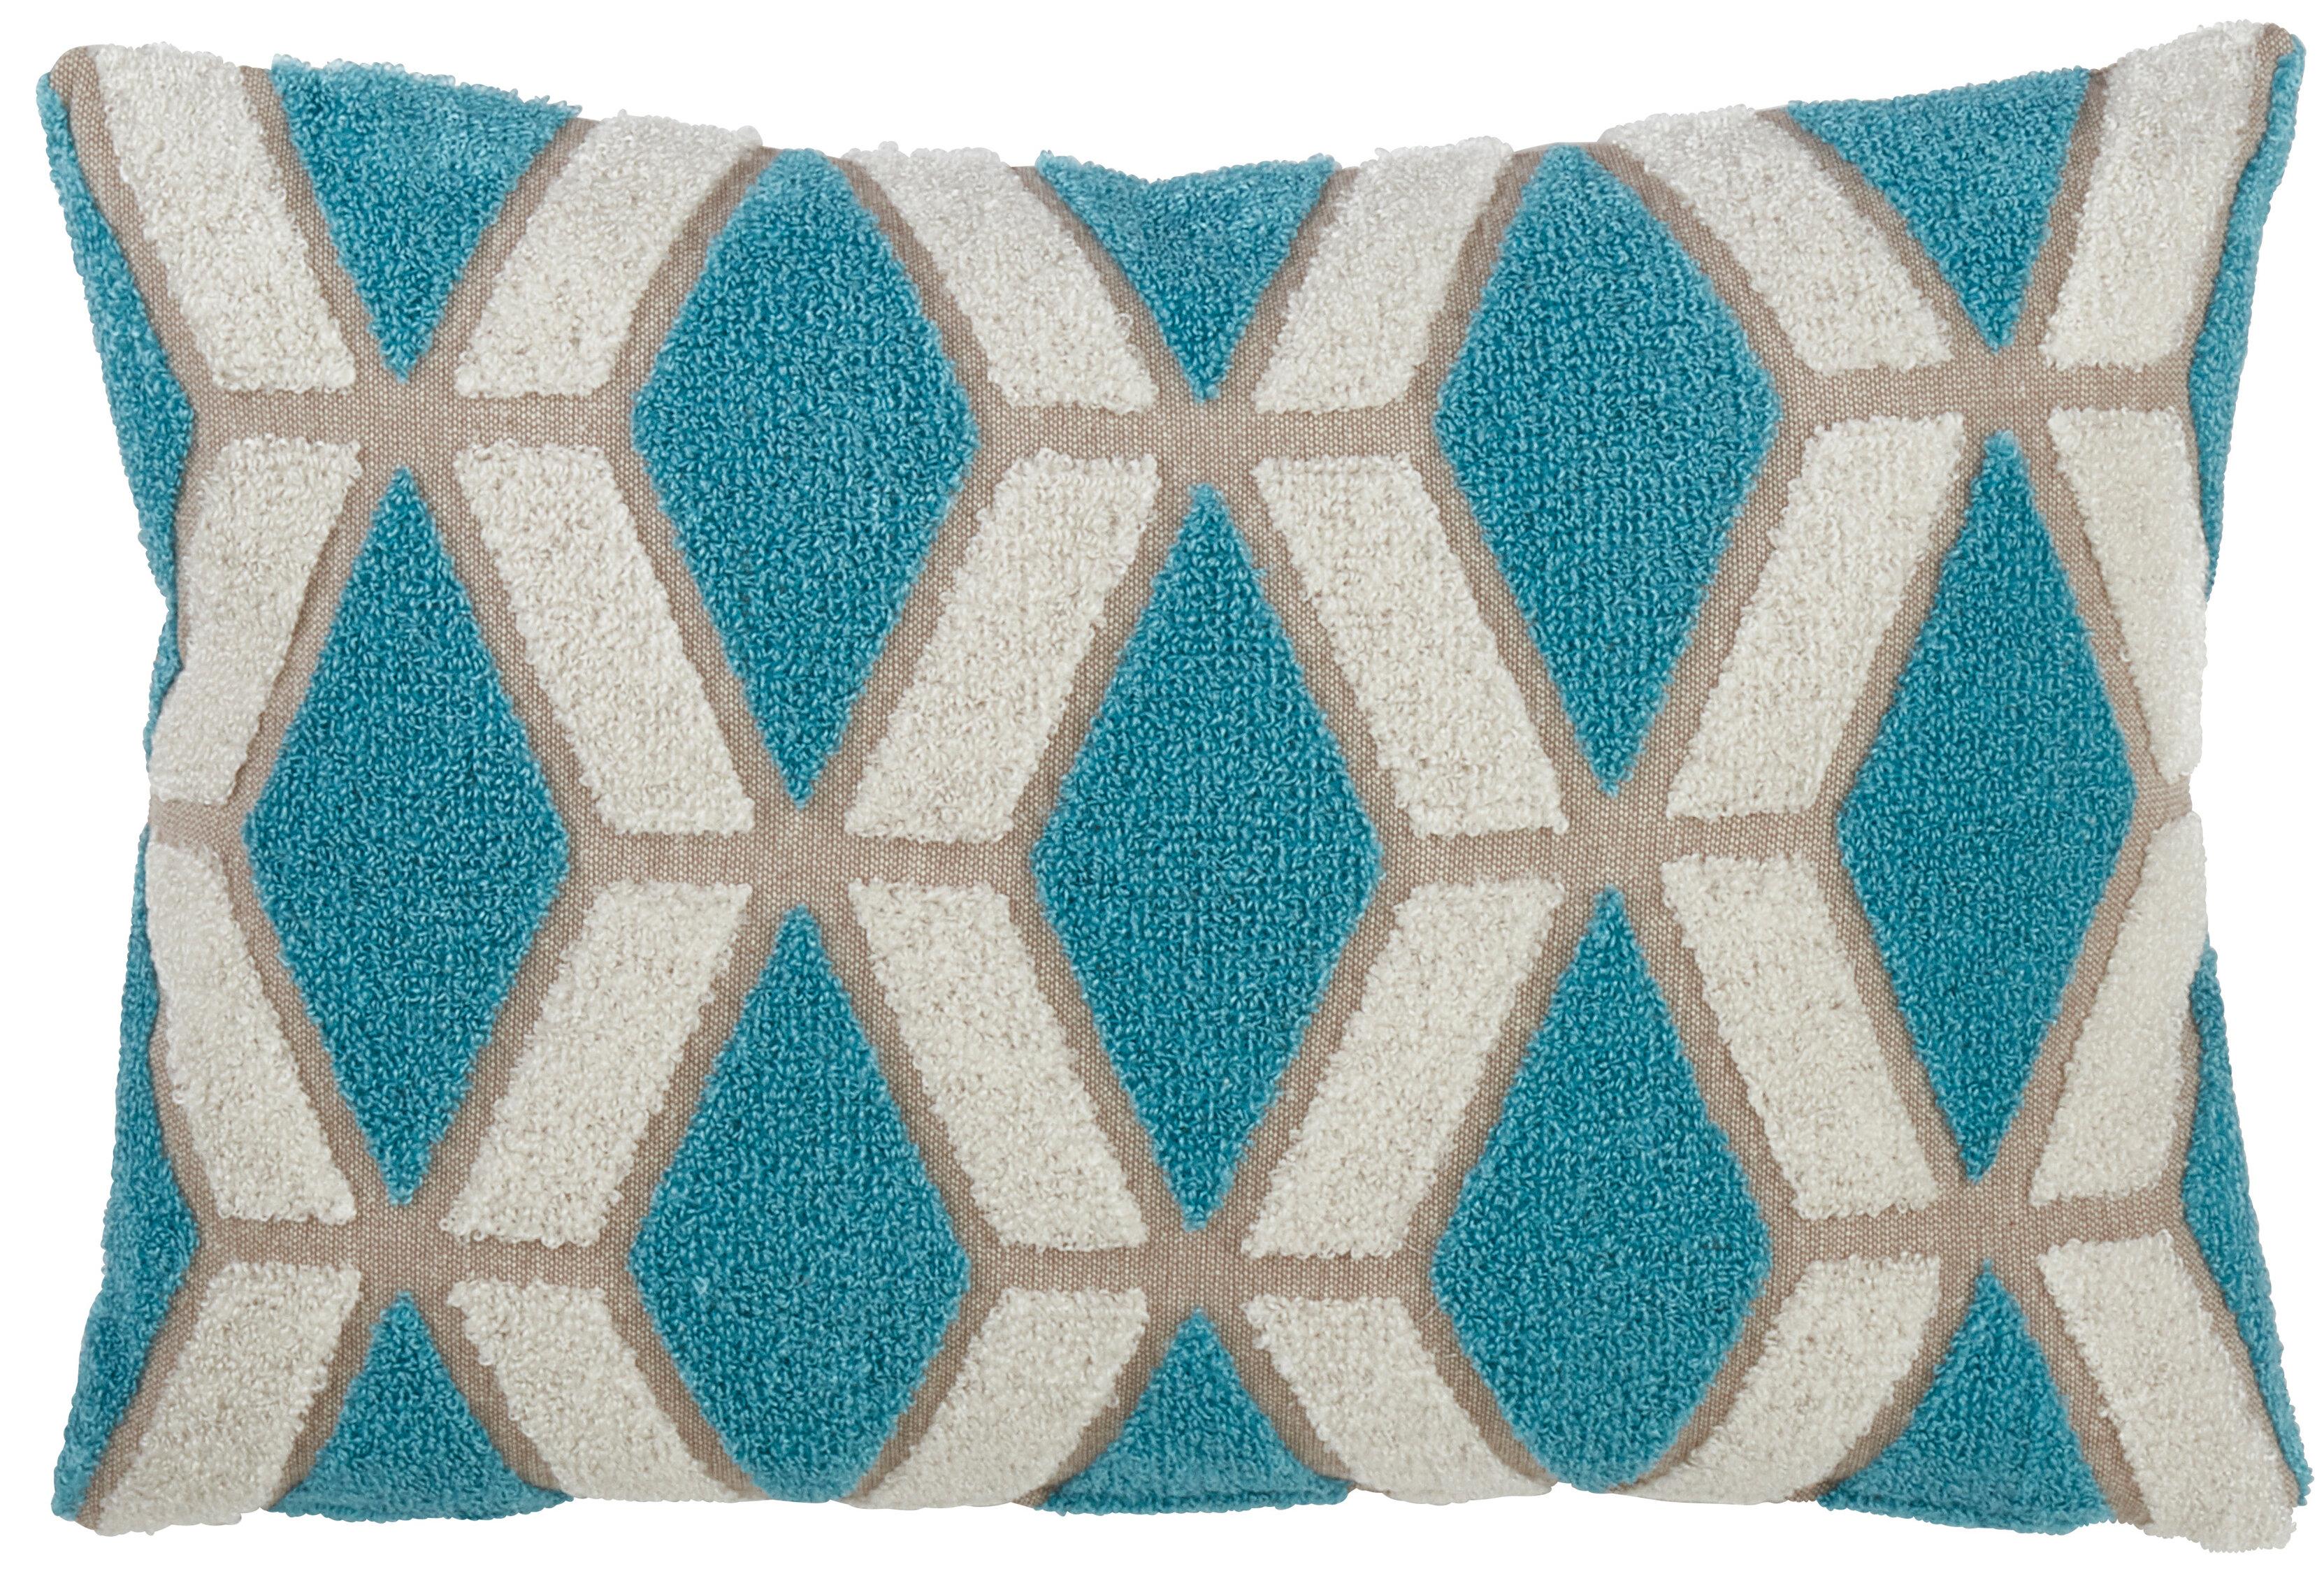 Modern Contemporary Brayden Studio Throw Pillows You Ll Love In 2021 Wayfair